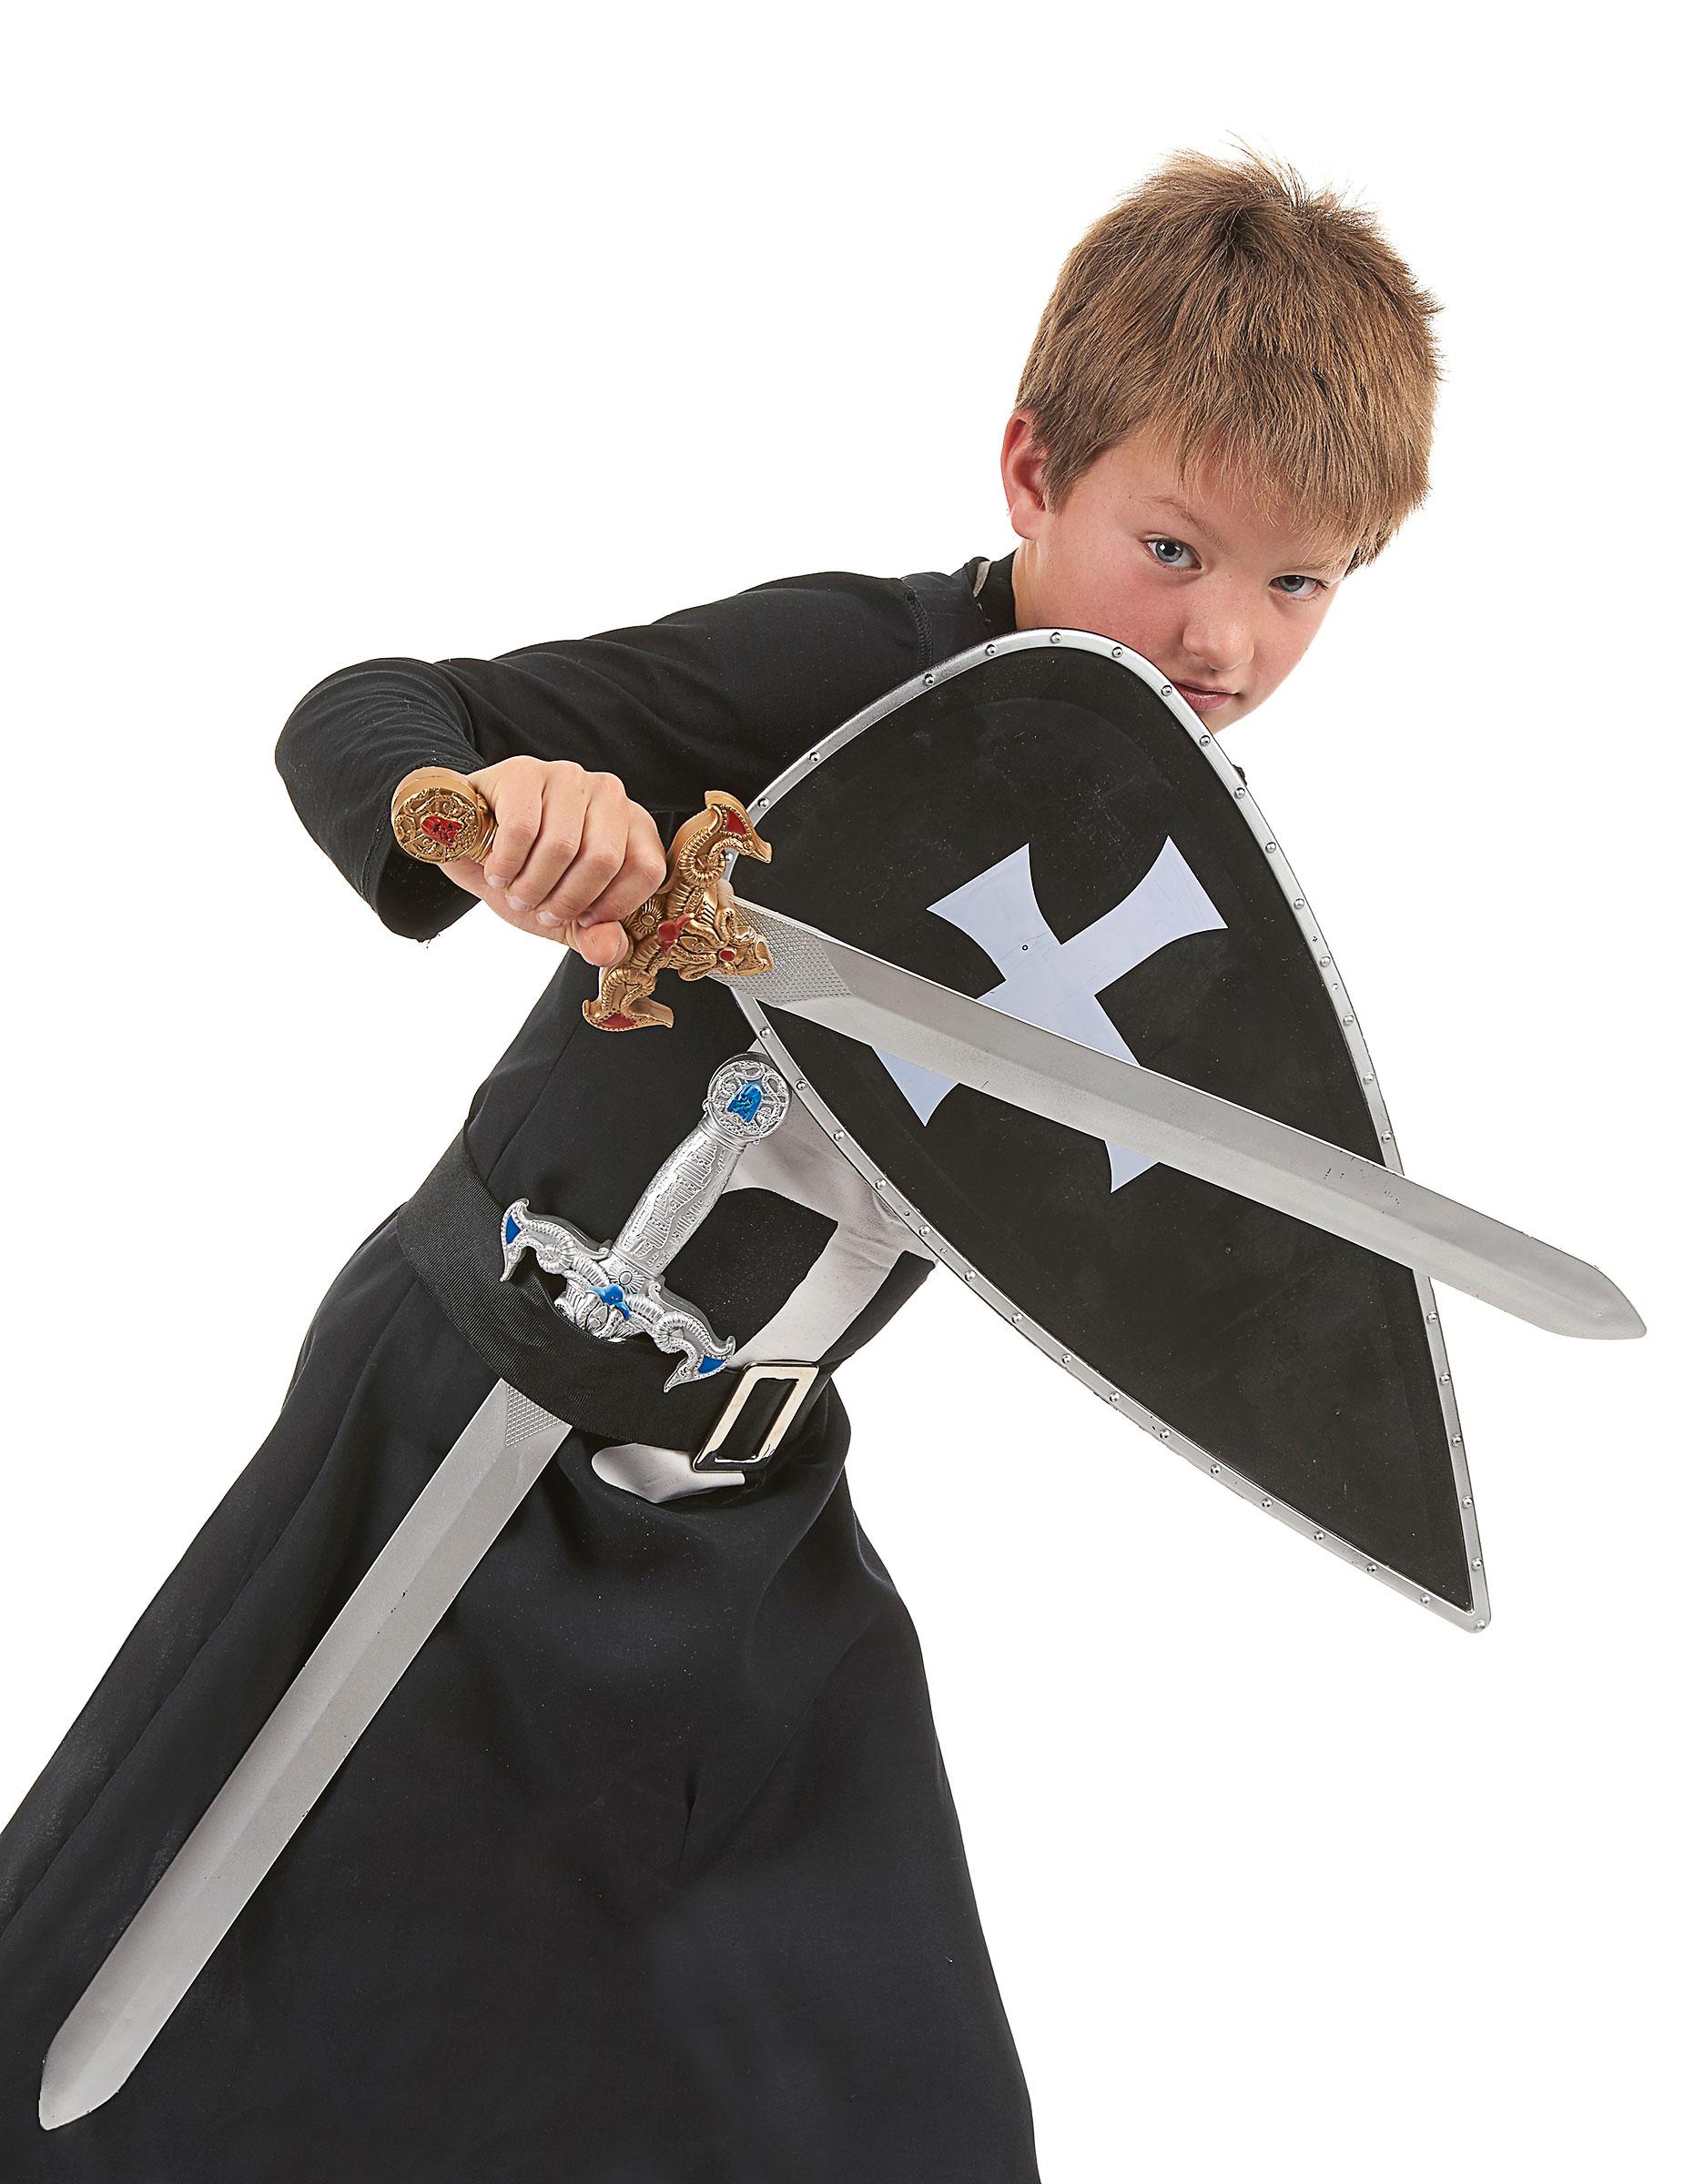 d guisement et accessoires chevalier enfant deguise toi achat de d guisements enfants. Black Bedroom Furniture Sets. Home Design Ideas